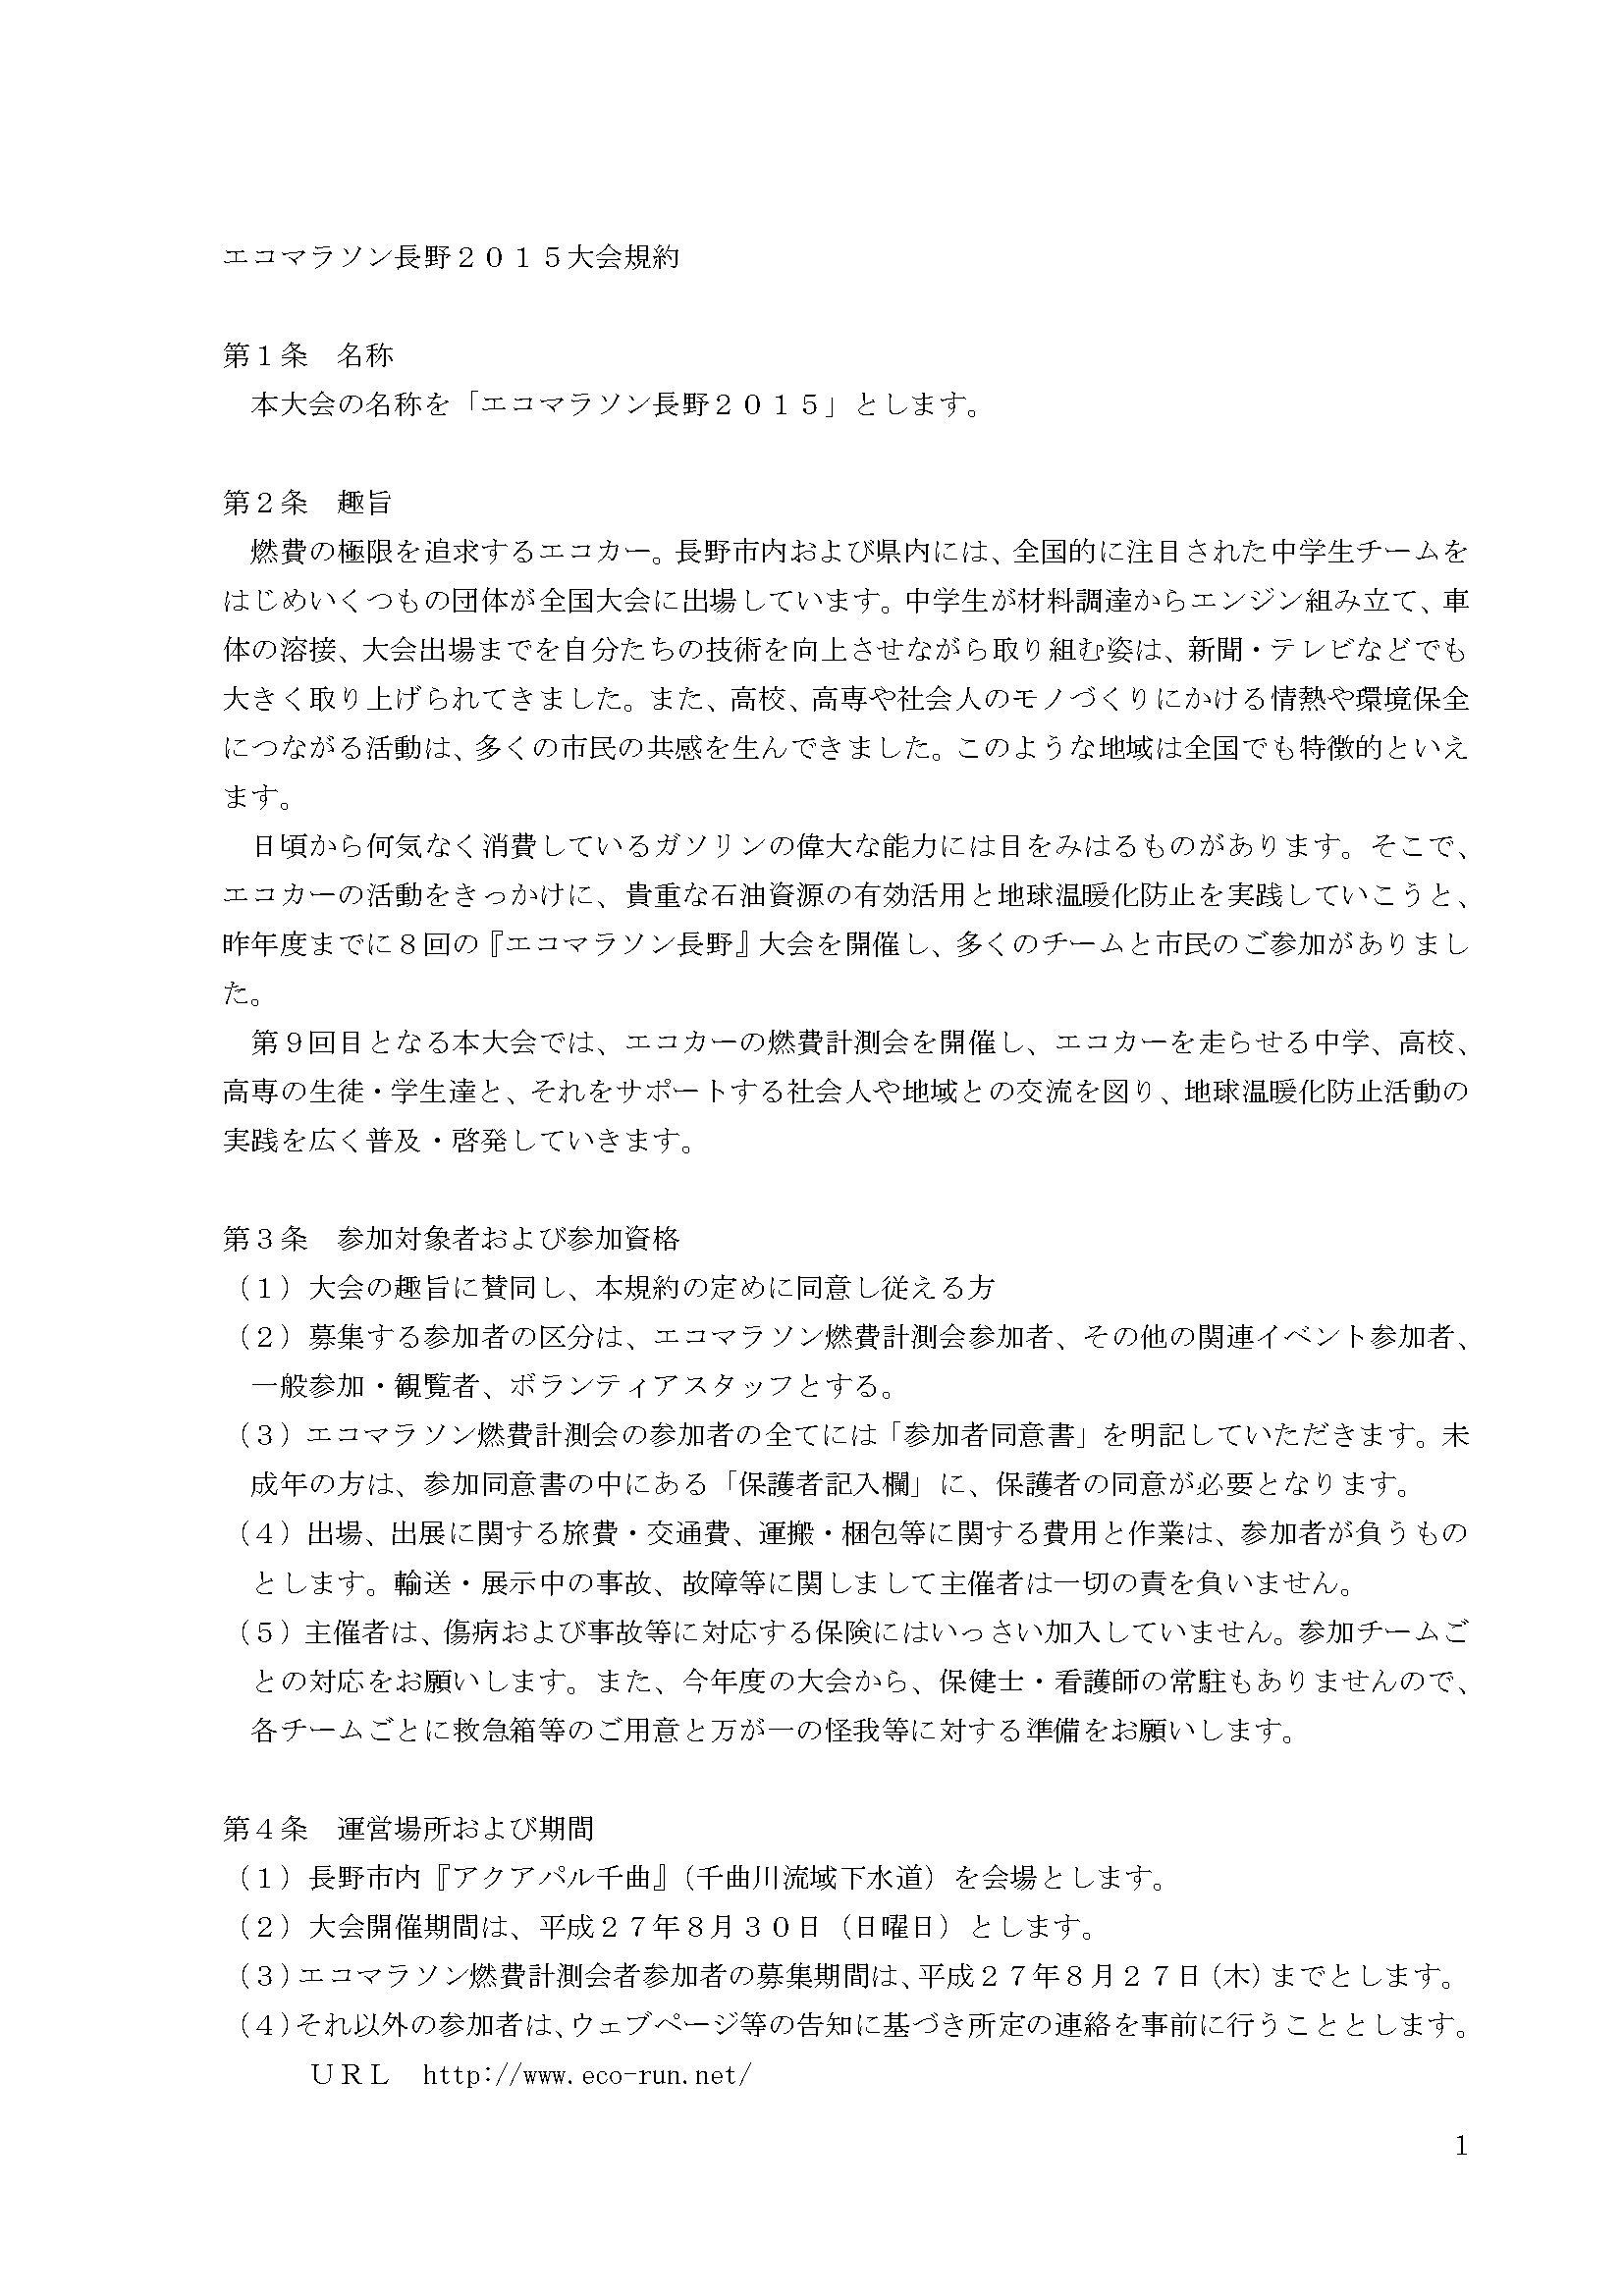 エコマラソン2015長野_大会規約_ページ_1